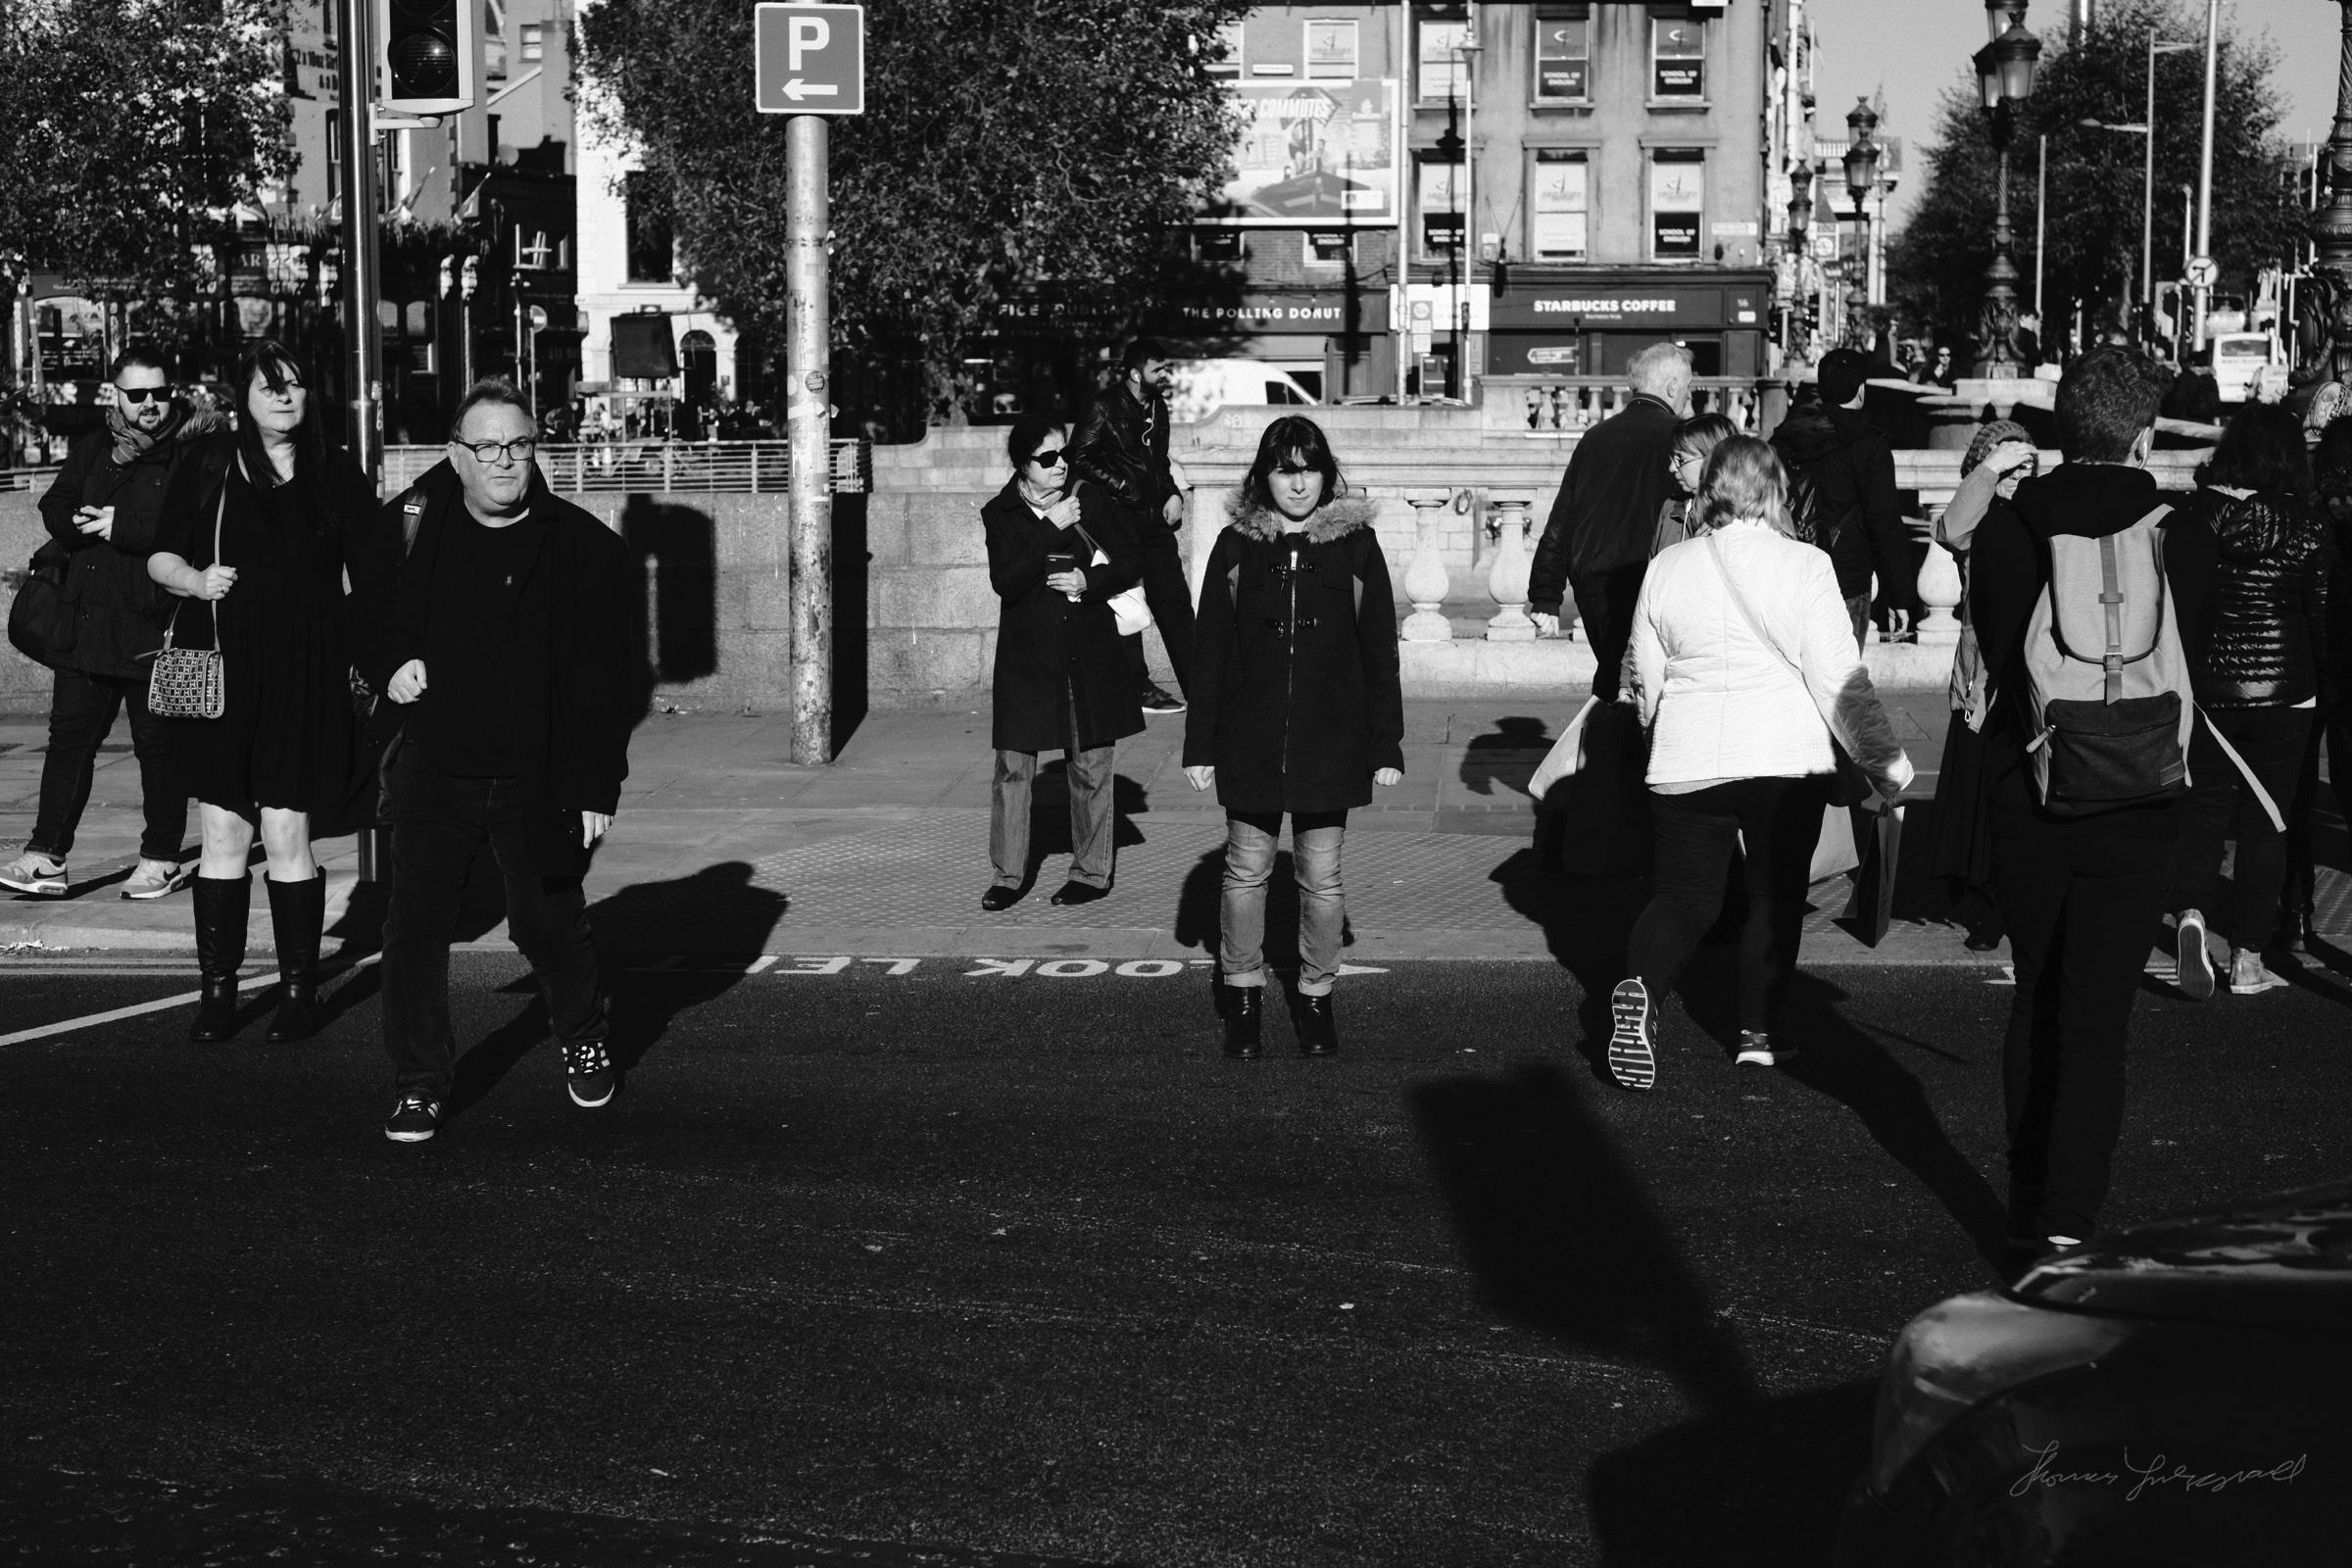 Street-Photography-Dublin-X-Pro2-Acros-010.jpg